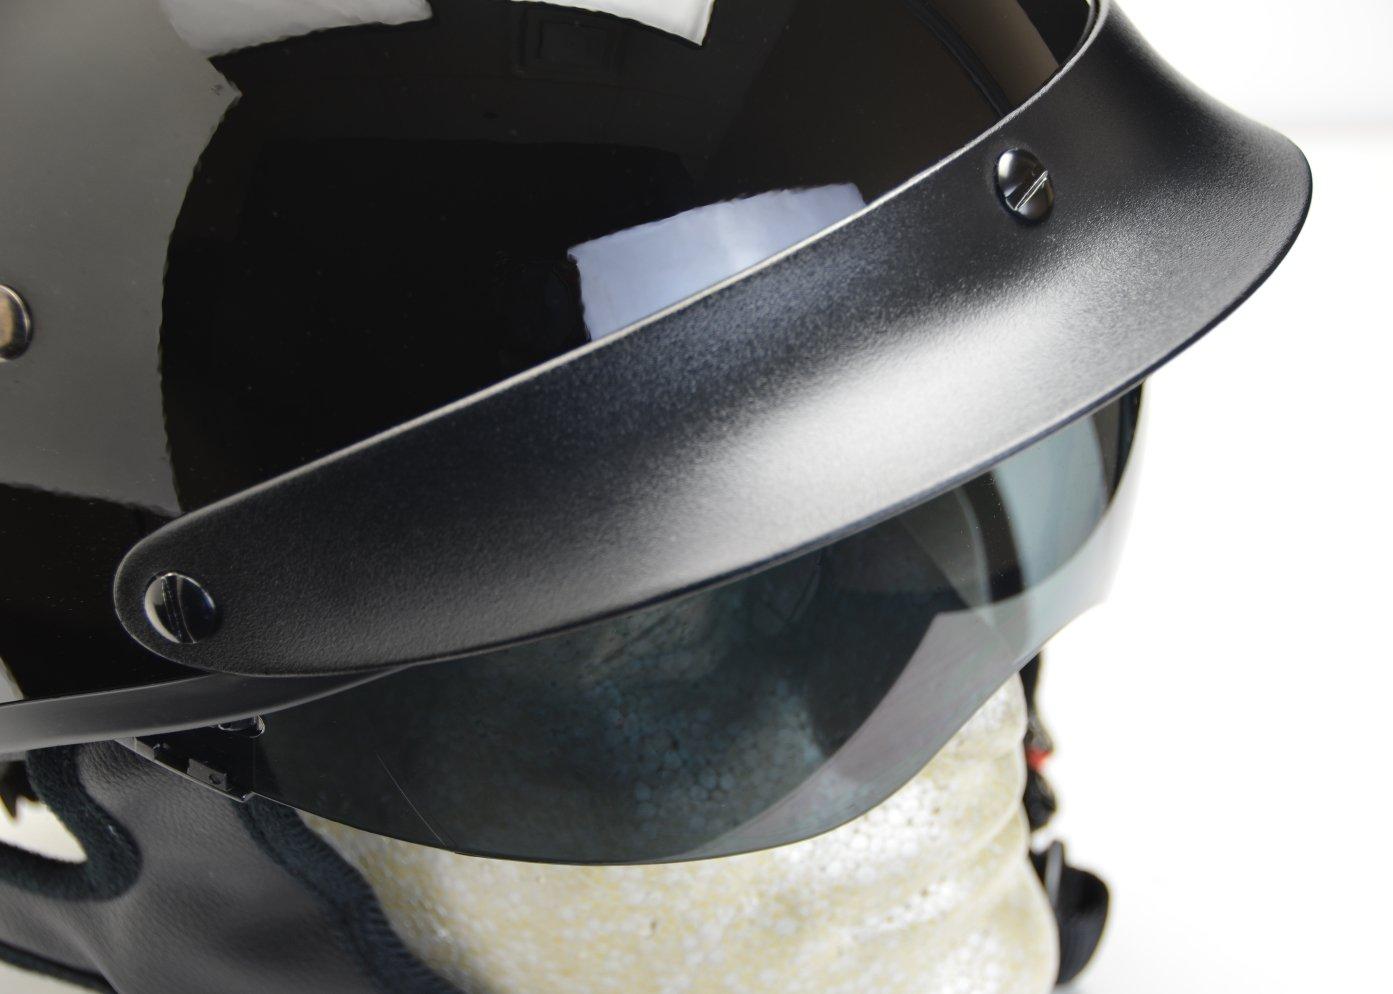 Large, Gloss Black Vega Helmets Warrior Motorcycle Half Helmet with Sunshield for Men /& Women Adjustable Size Dial DOT Half Face Skull Cap for Bike Cruiser Chopper Moped Scooter ATV